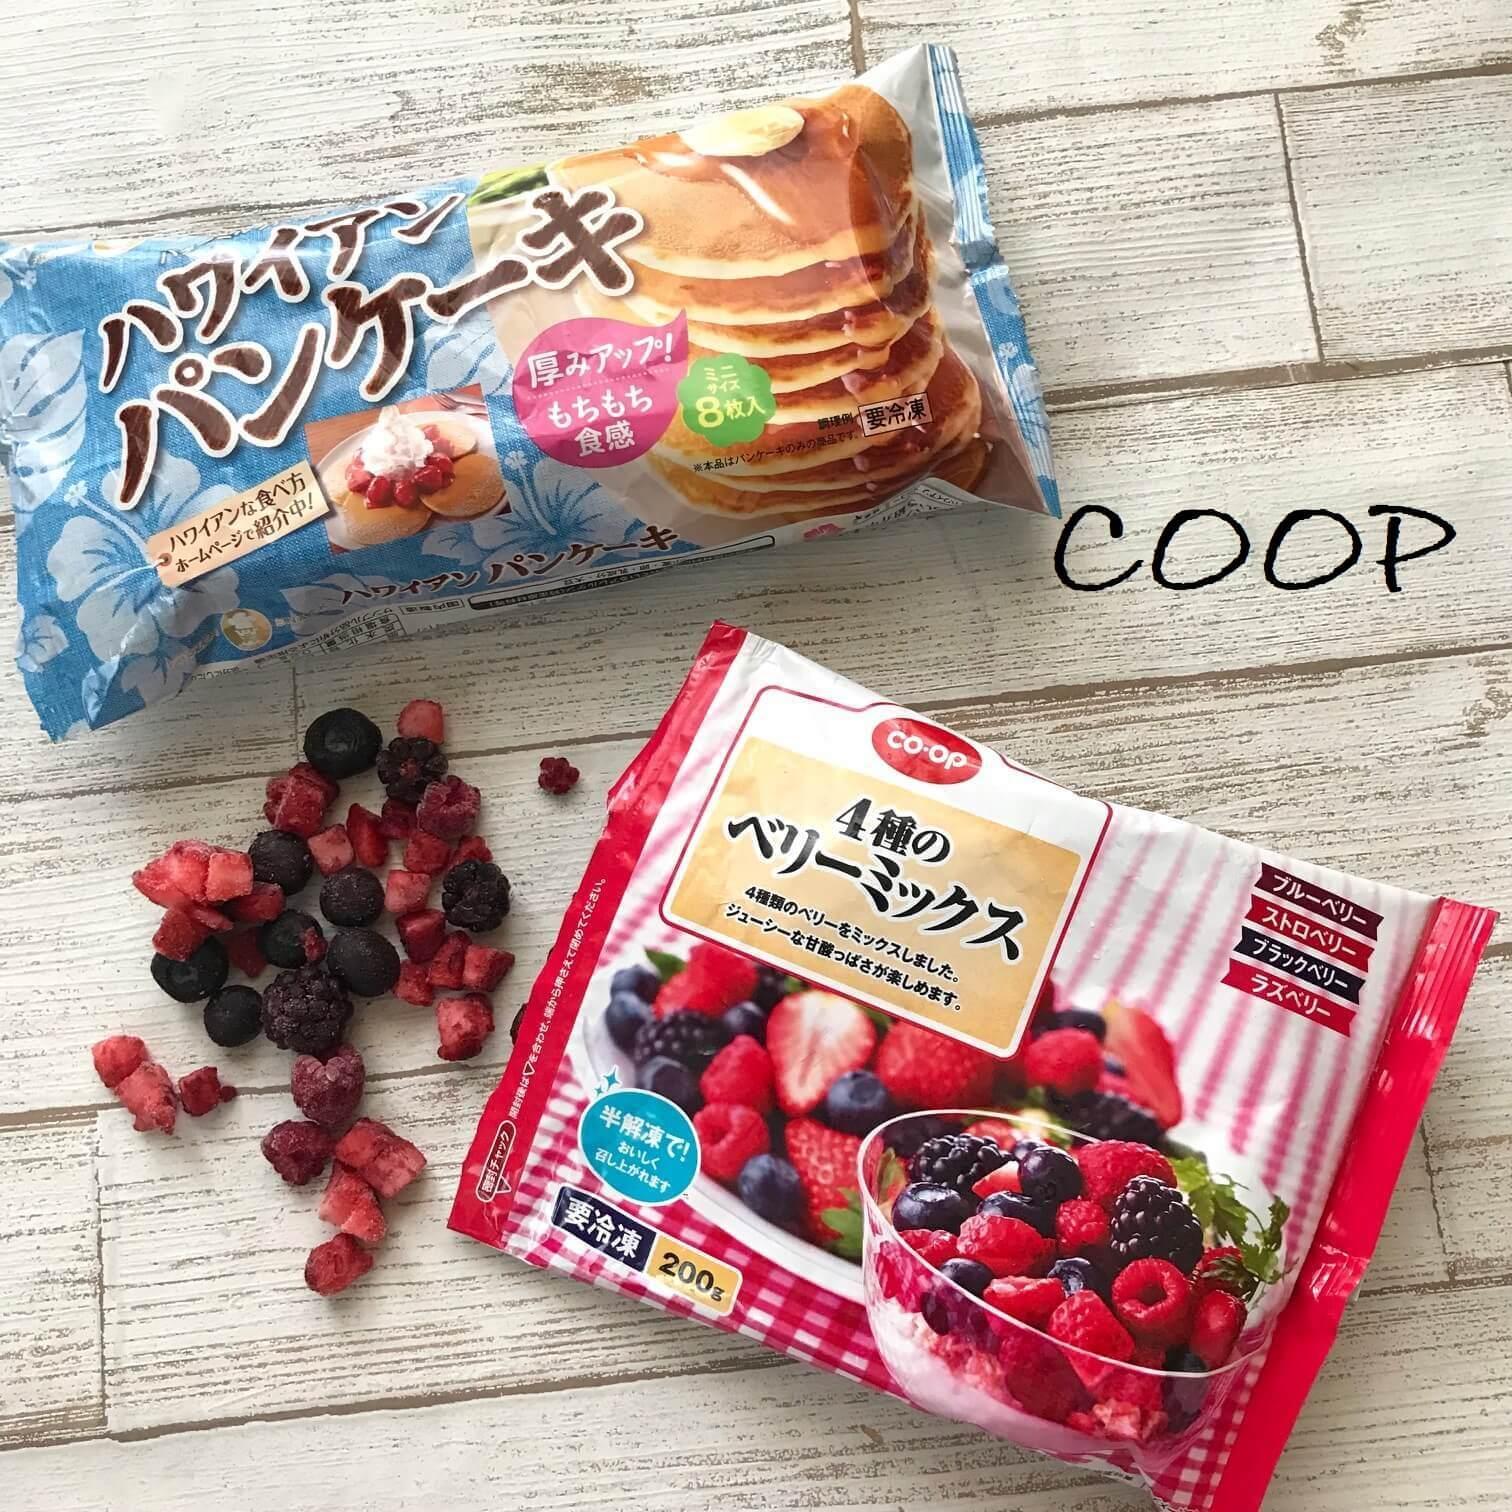 コープの冷凍パンケーキとベリーミックス画像